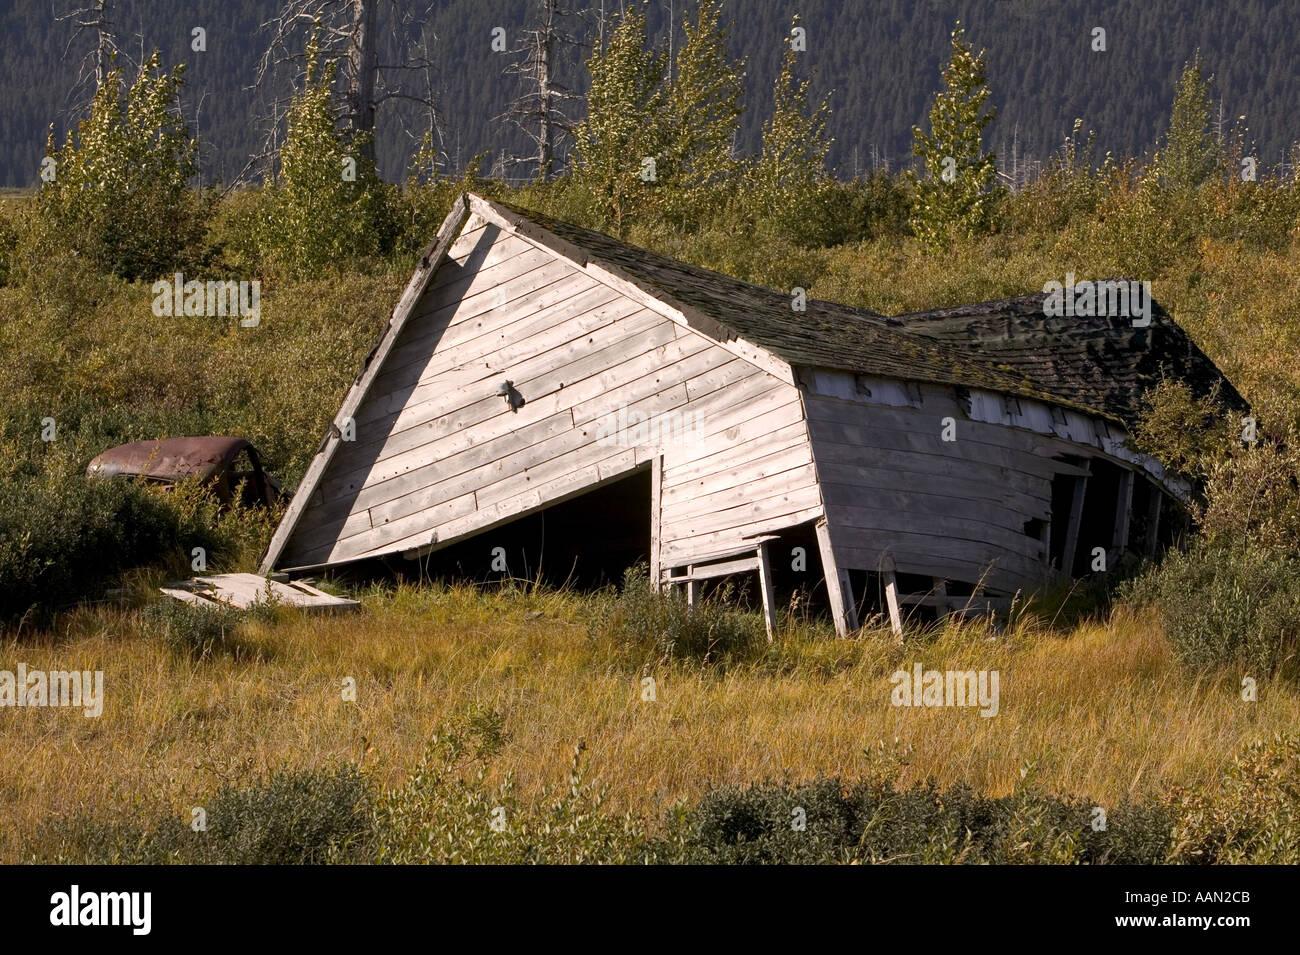 Alaska Haus Kaufen haus in alaska durch permafrostböden verursacht durch globalwarming